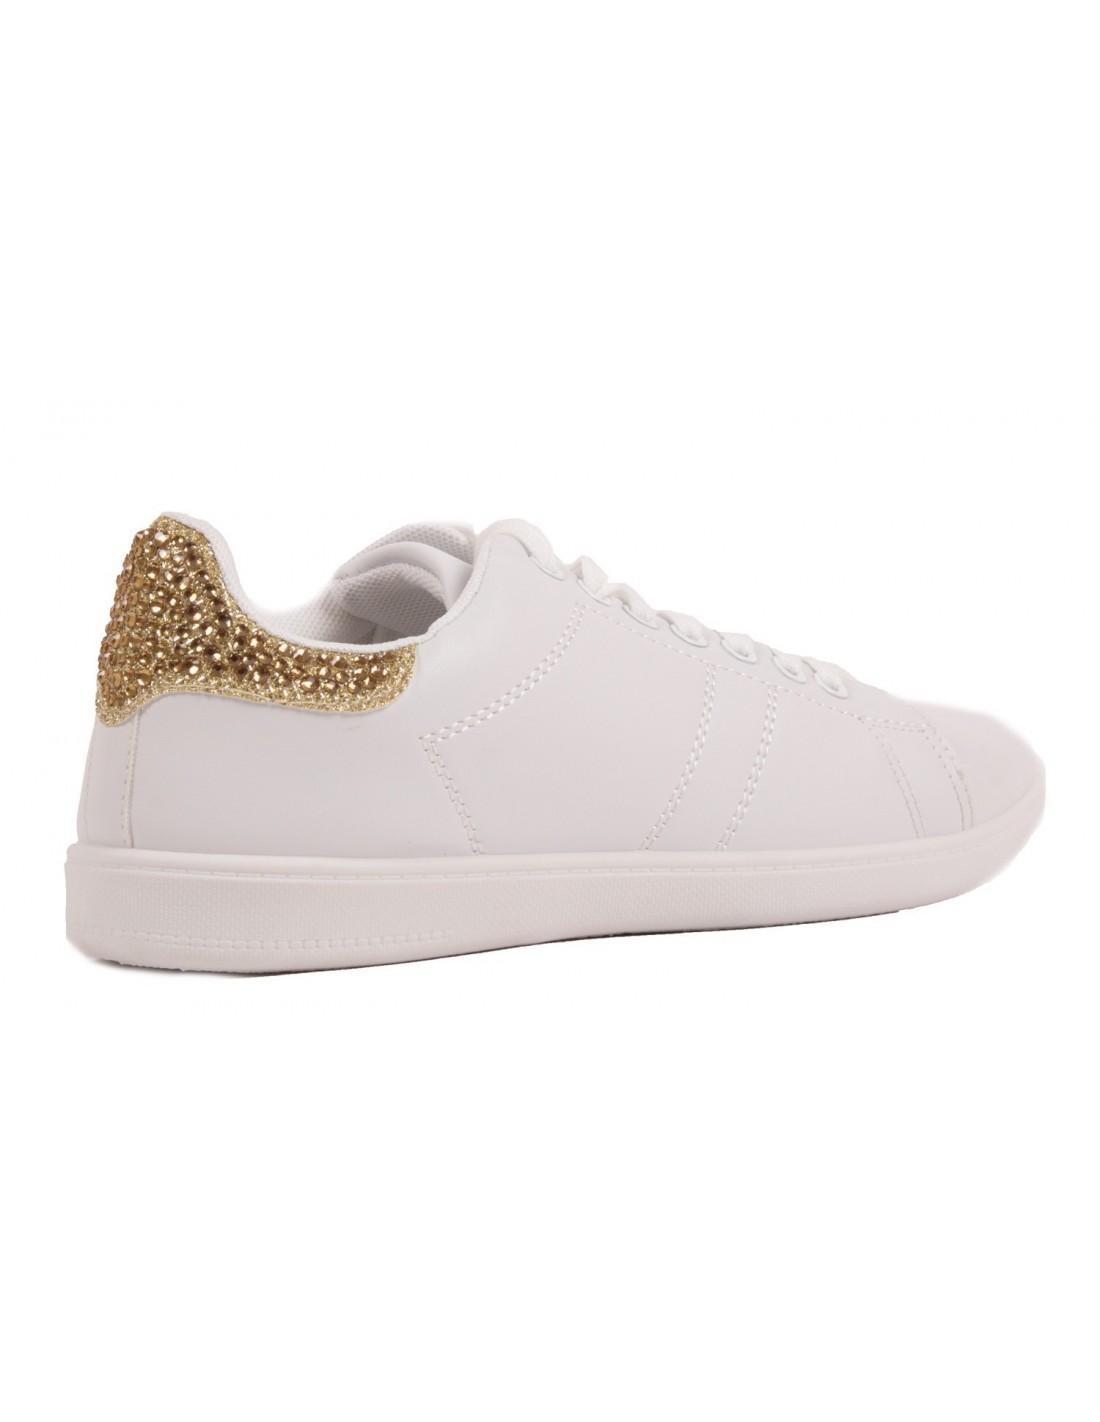 ... Baskets femme sport blanches paillettes doré argenté rose en simili  cuir ... 4a55784cb1d2